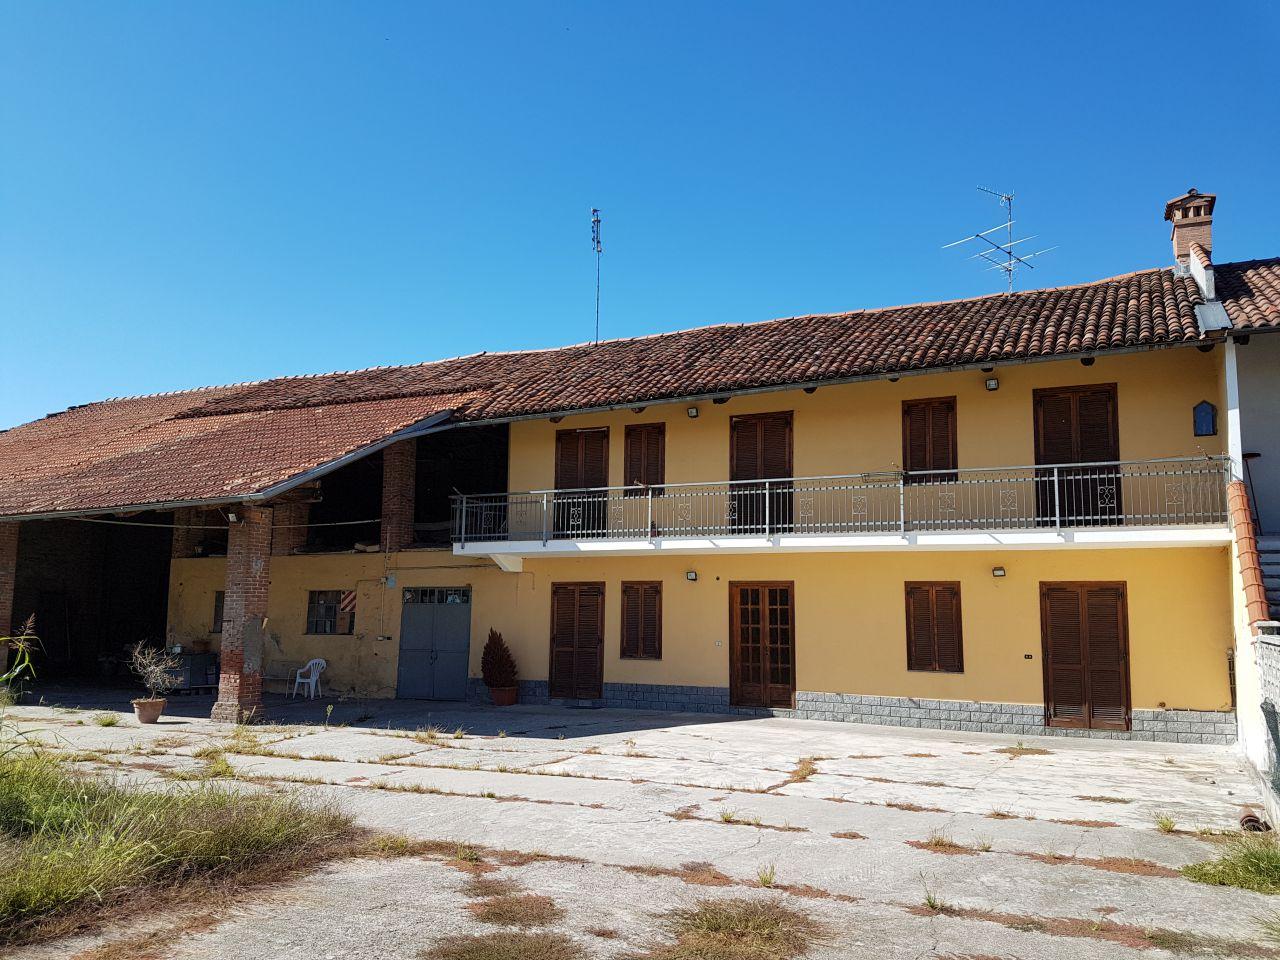 Soluzione Indipendente in vendita a Chivasso, 10 locali, prezzo € 135.000 | CambioCasa.it